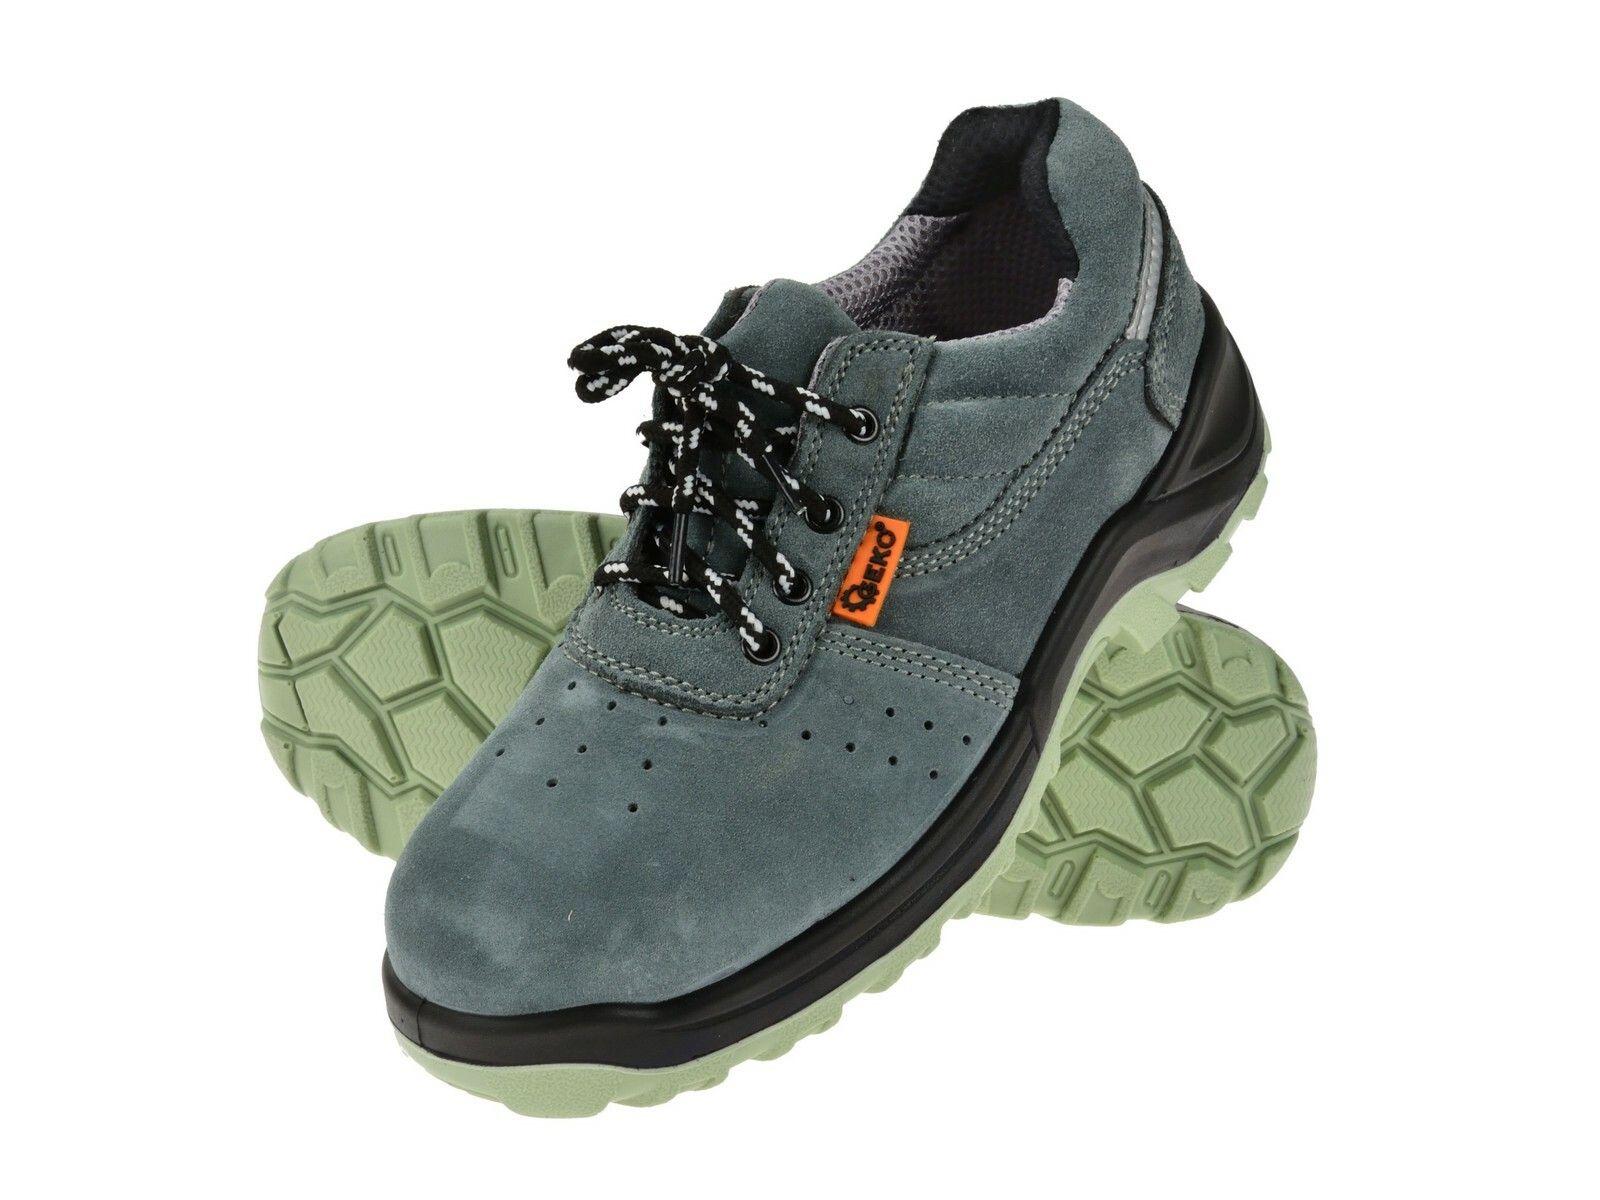 Ochranná pracovní obuv model č. 4 velikost 47 GEKO